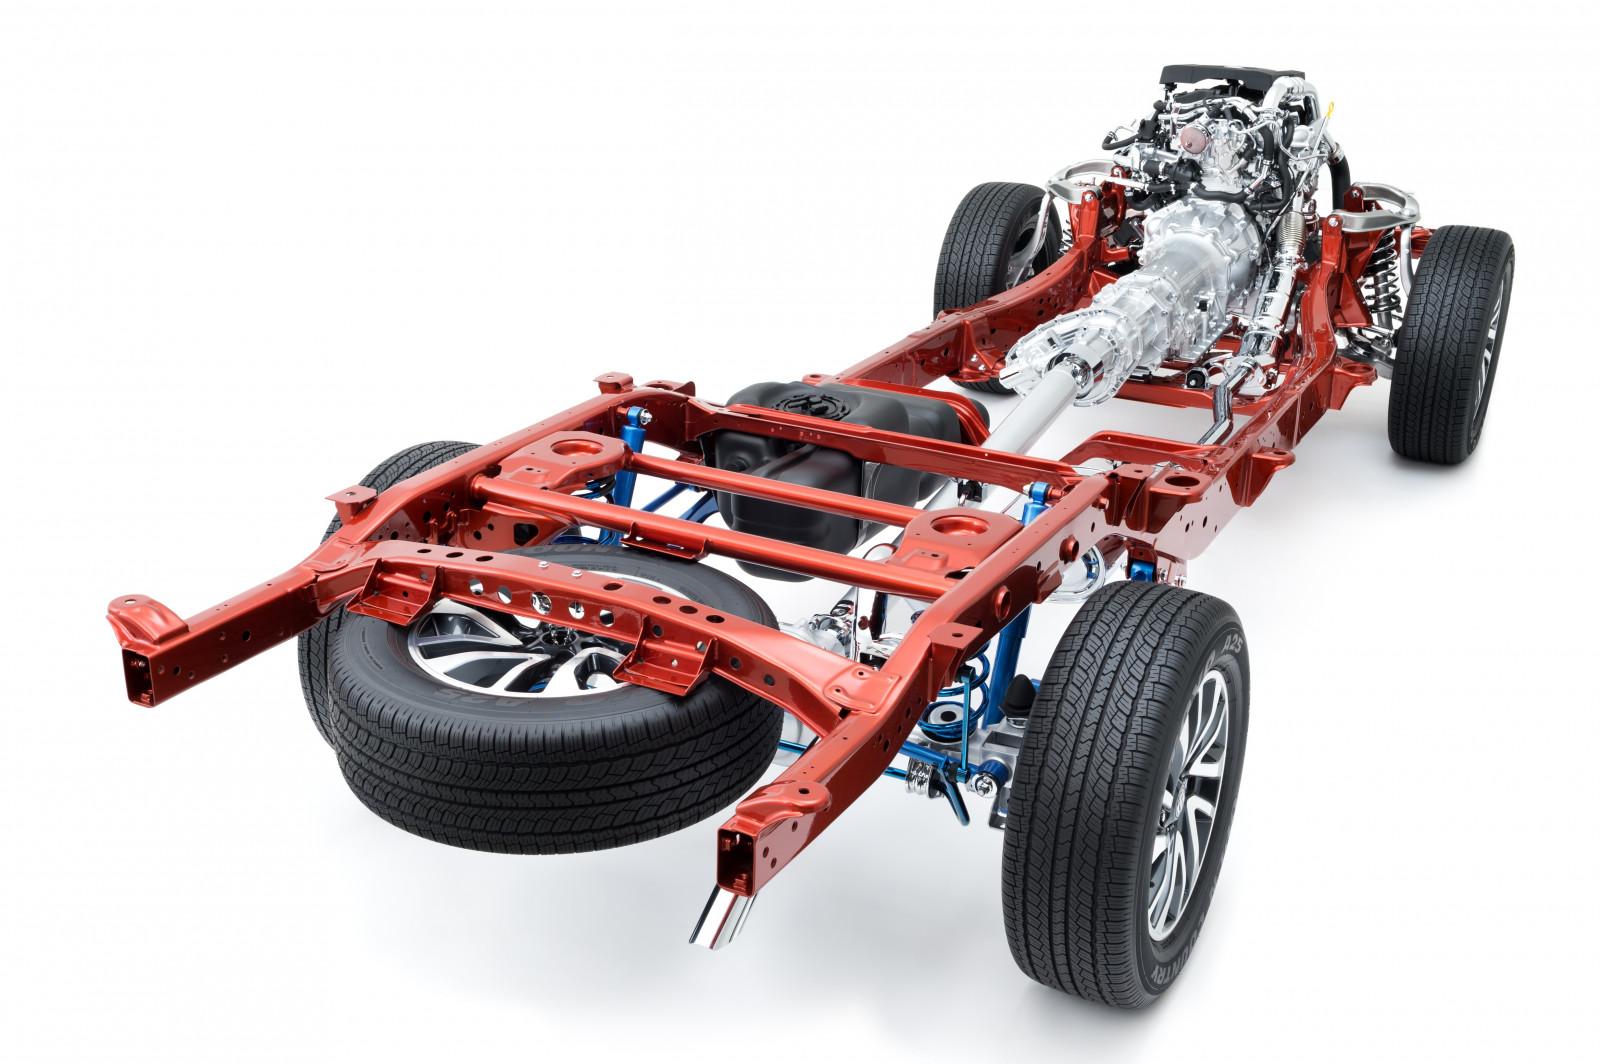 Fondos De Pantalla Vehículo Porsche Show De Net: Fondos De Pantalla : Vehículo, Nissan, Show De Net